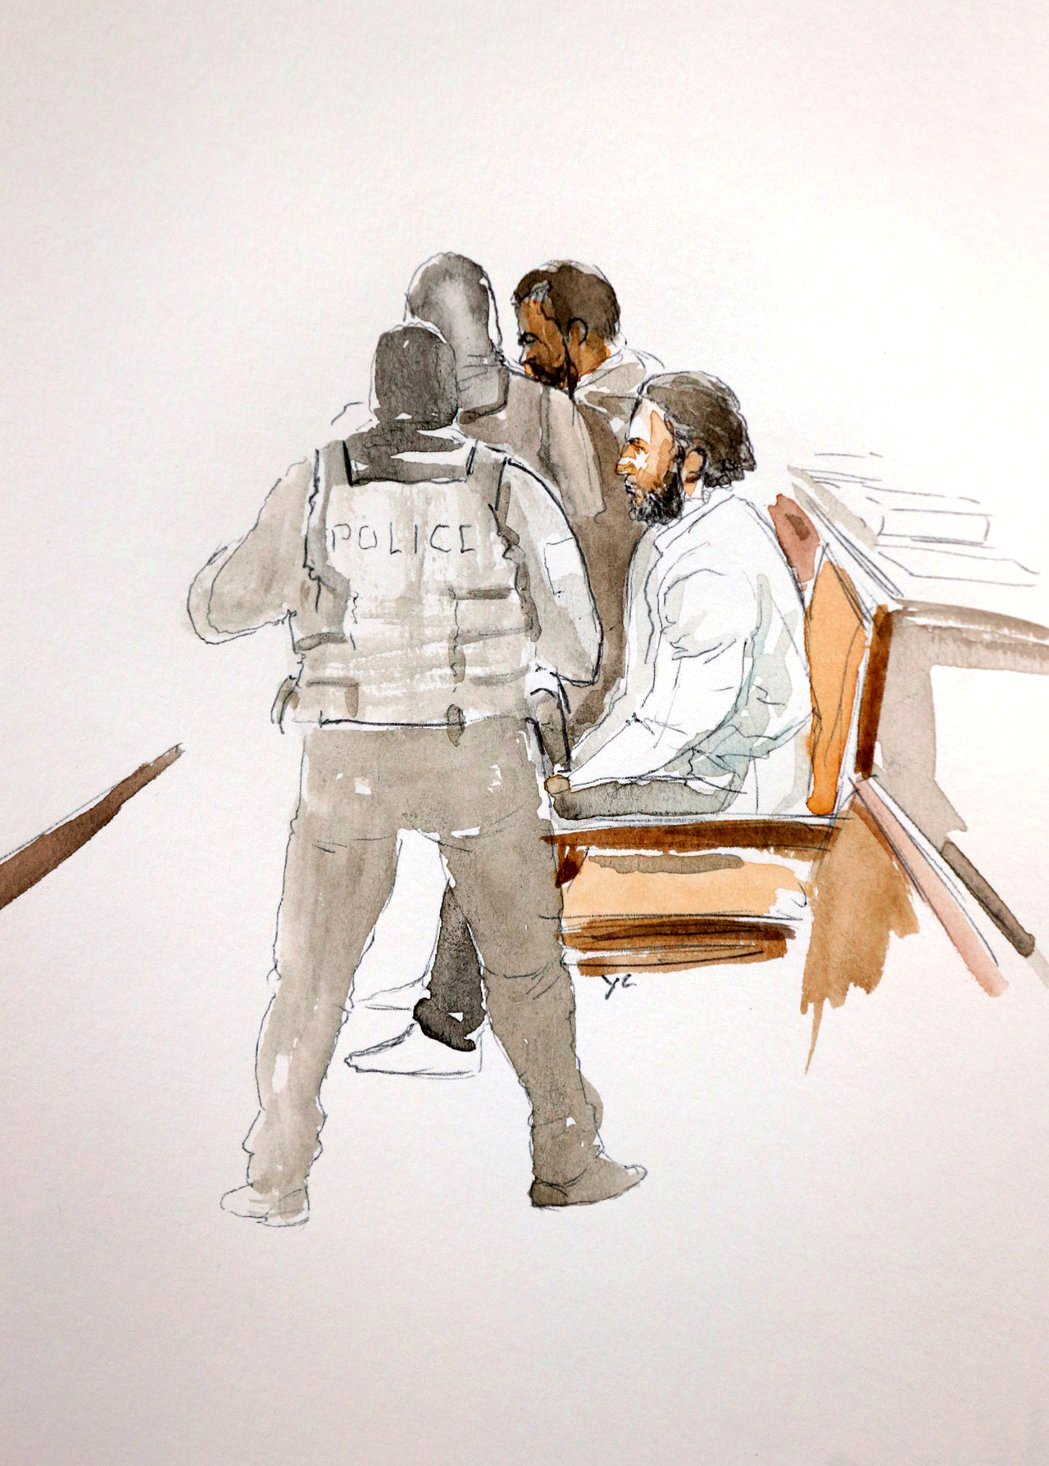 艺术家笔下,萨拉赫·阿卜杜勒-萨拉姆出庭的写意图。